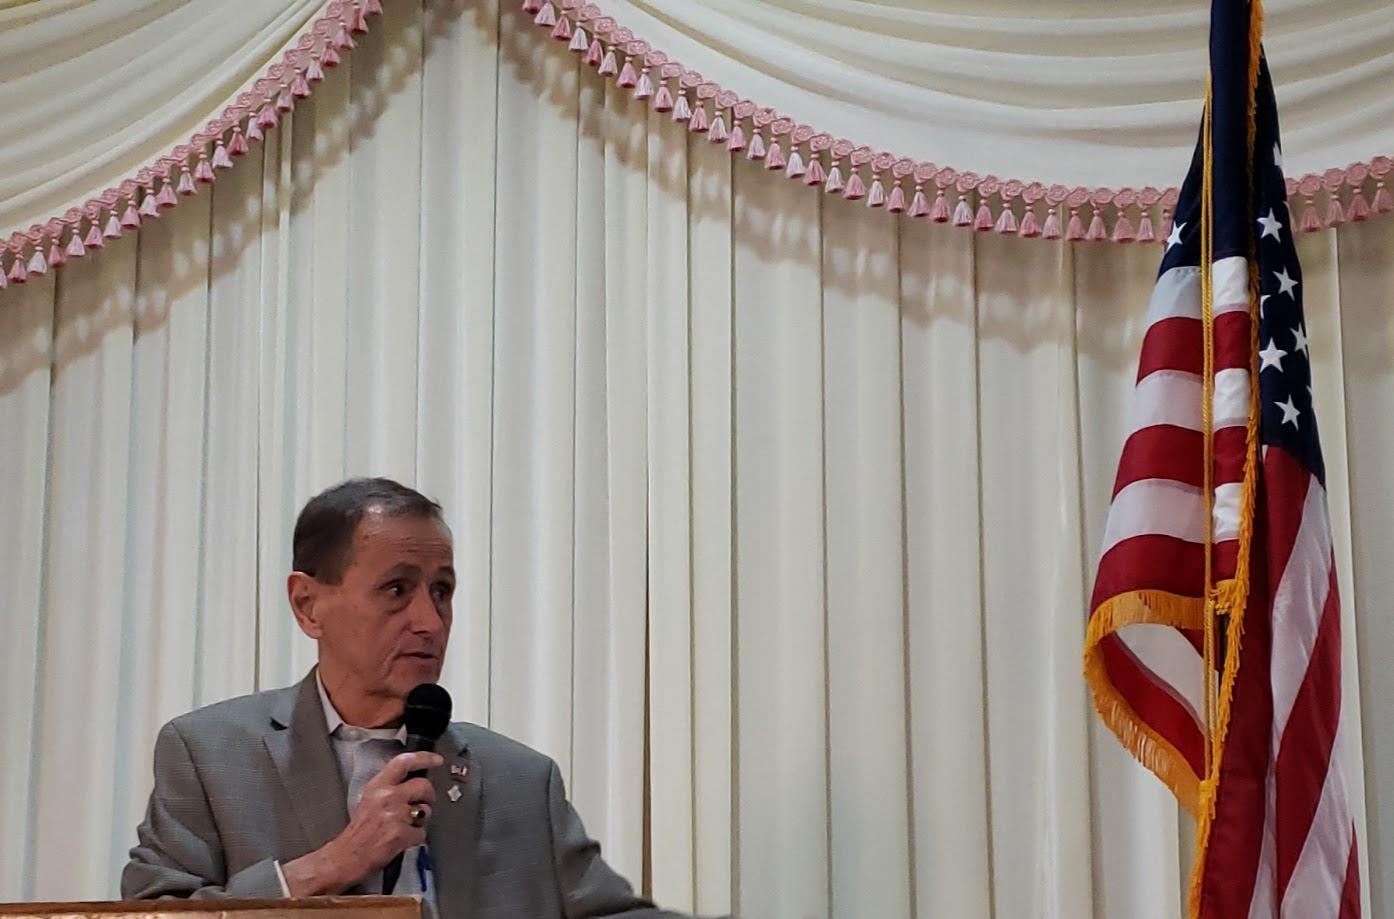 Nick Helmer ubiega się ponownie o urząd burmistrza Prospect Heights